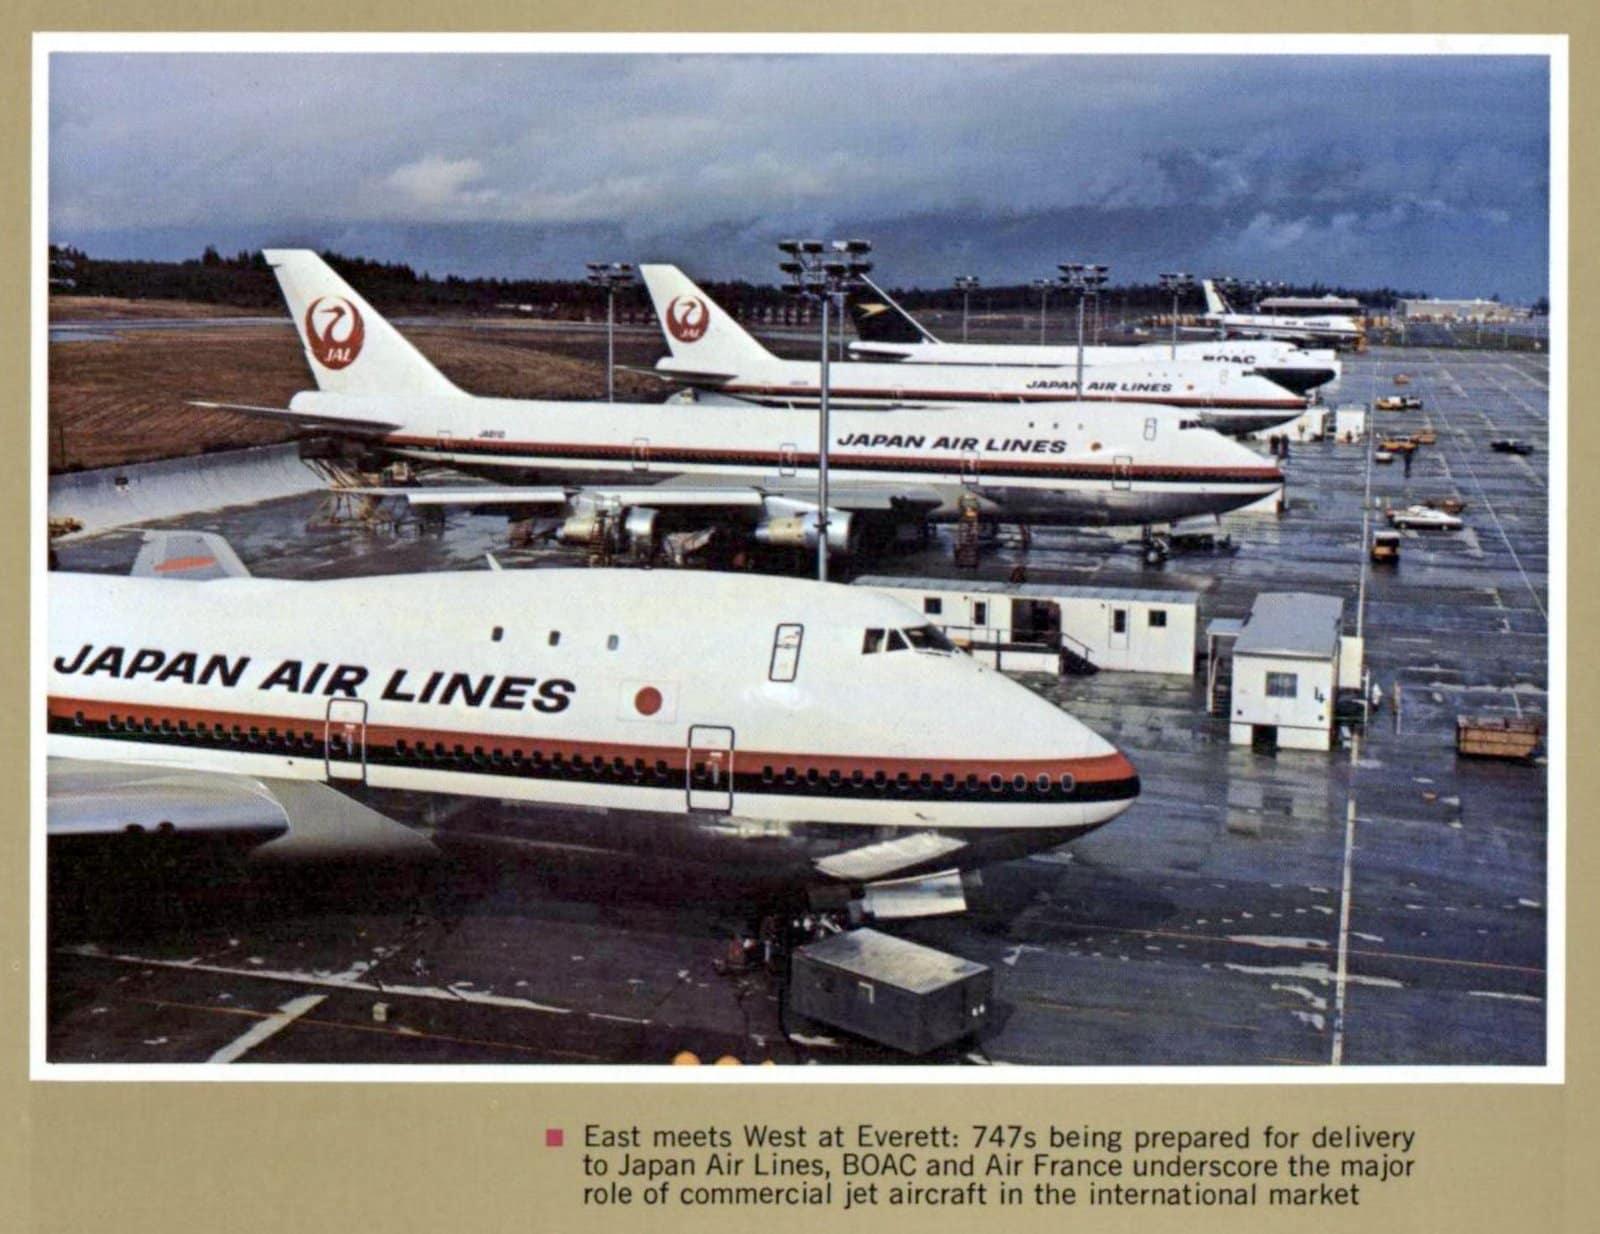 Boeing 747 jumbo jets being prepared for Japan Air Lines (1972)